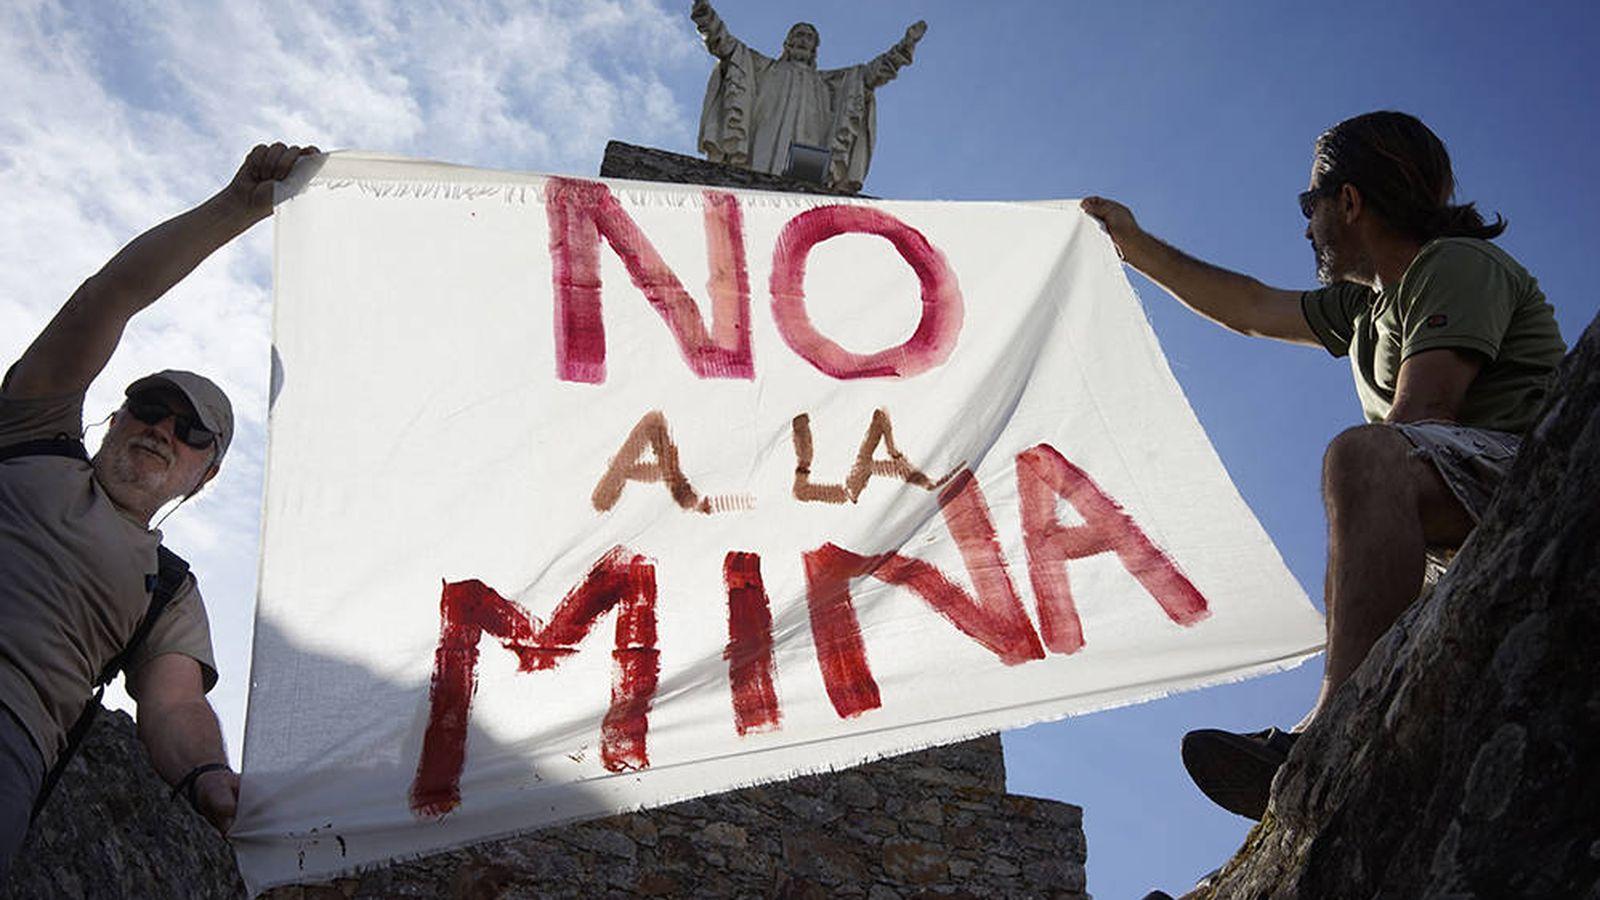 Foto: Concentración en contra del proyecto de la mina de litio. (Plataforma Salvemos la Montaña de Cáceres)